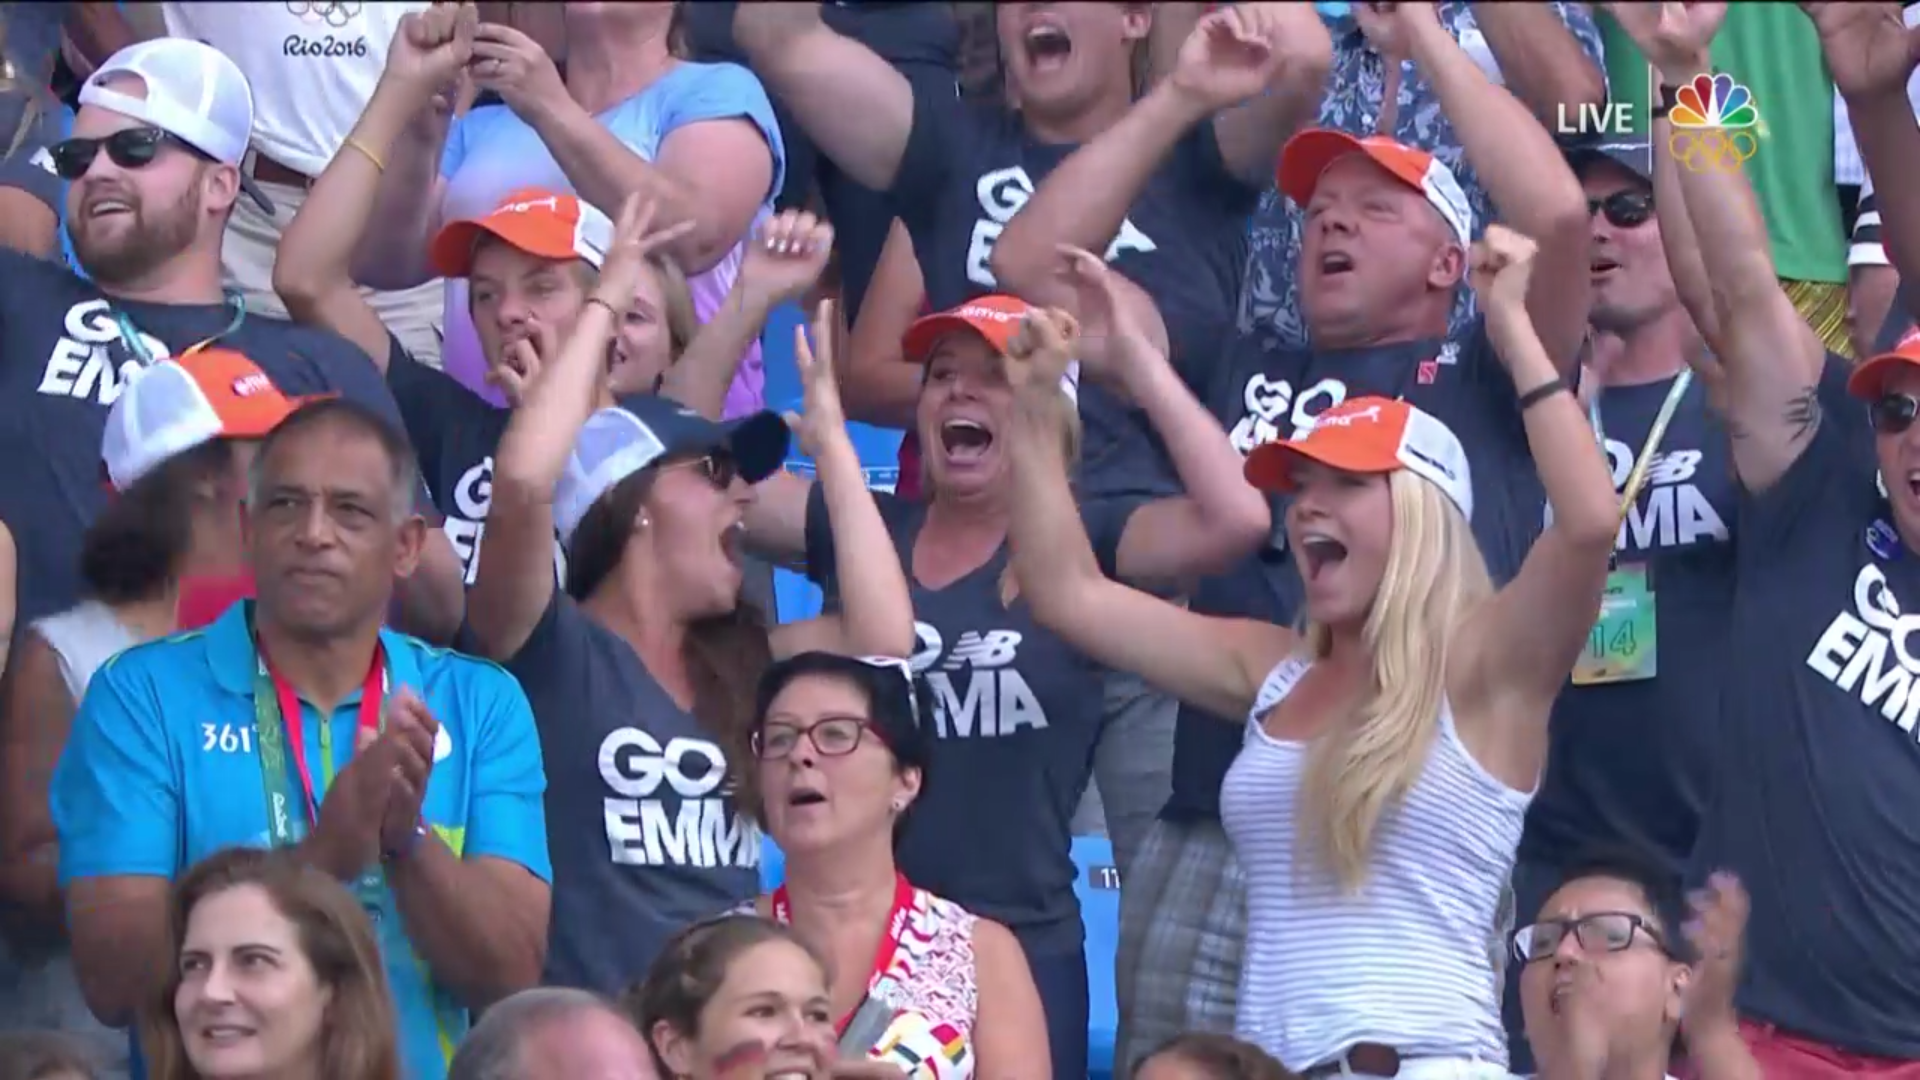 Emma's Fans